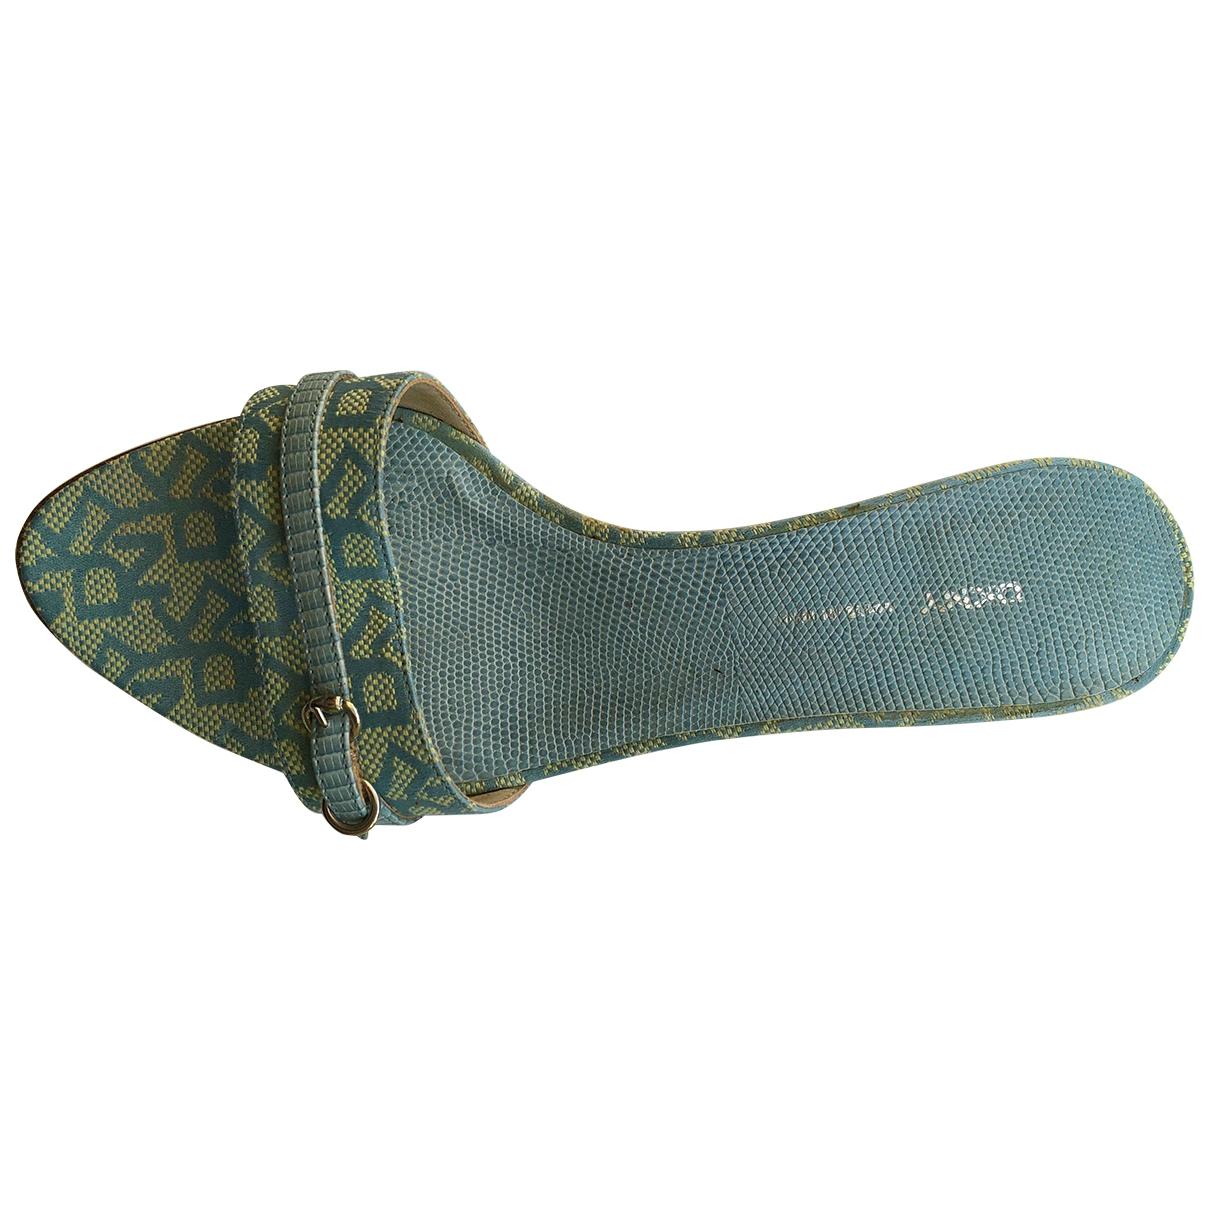 Dkny - Sandales   pour femme en toile - turquoise